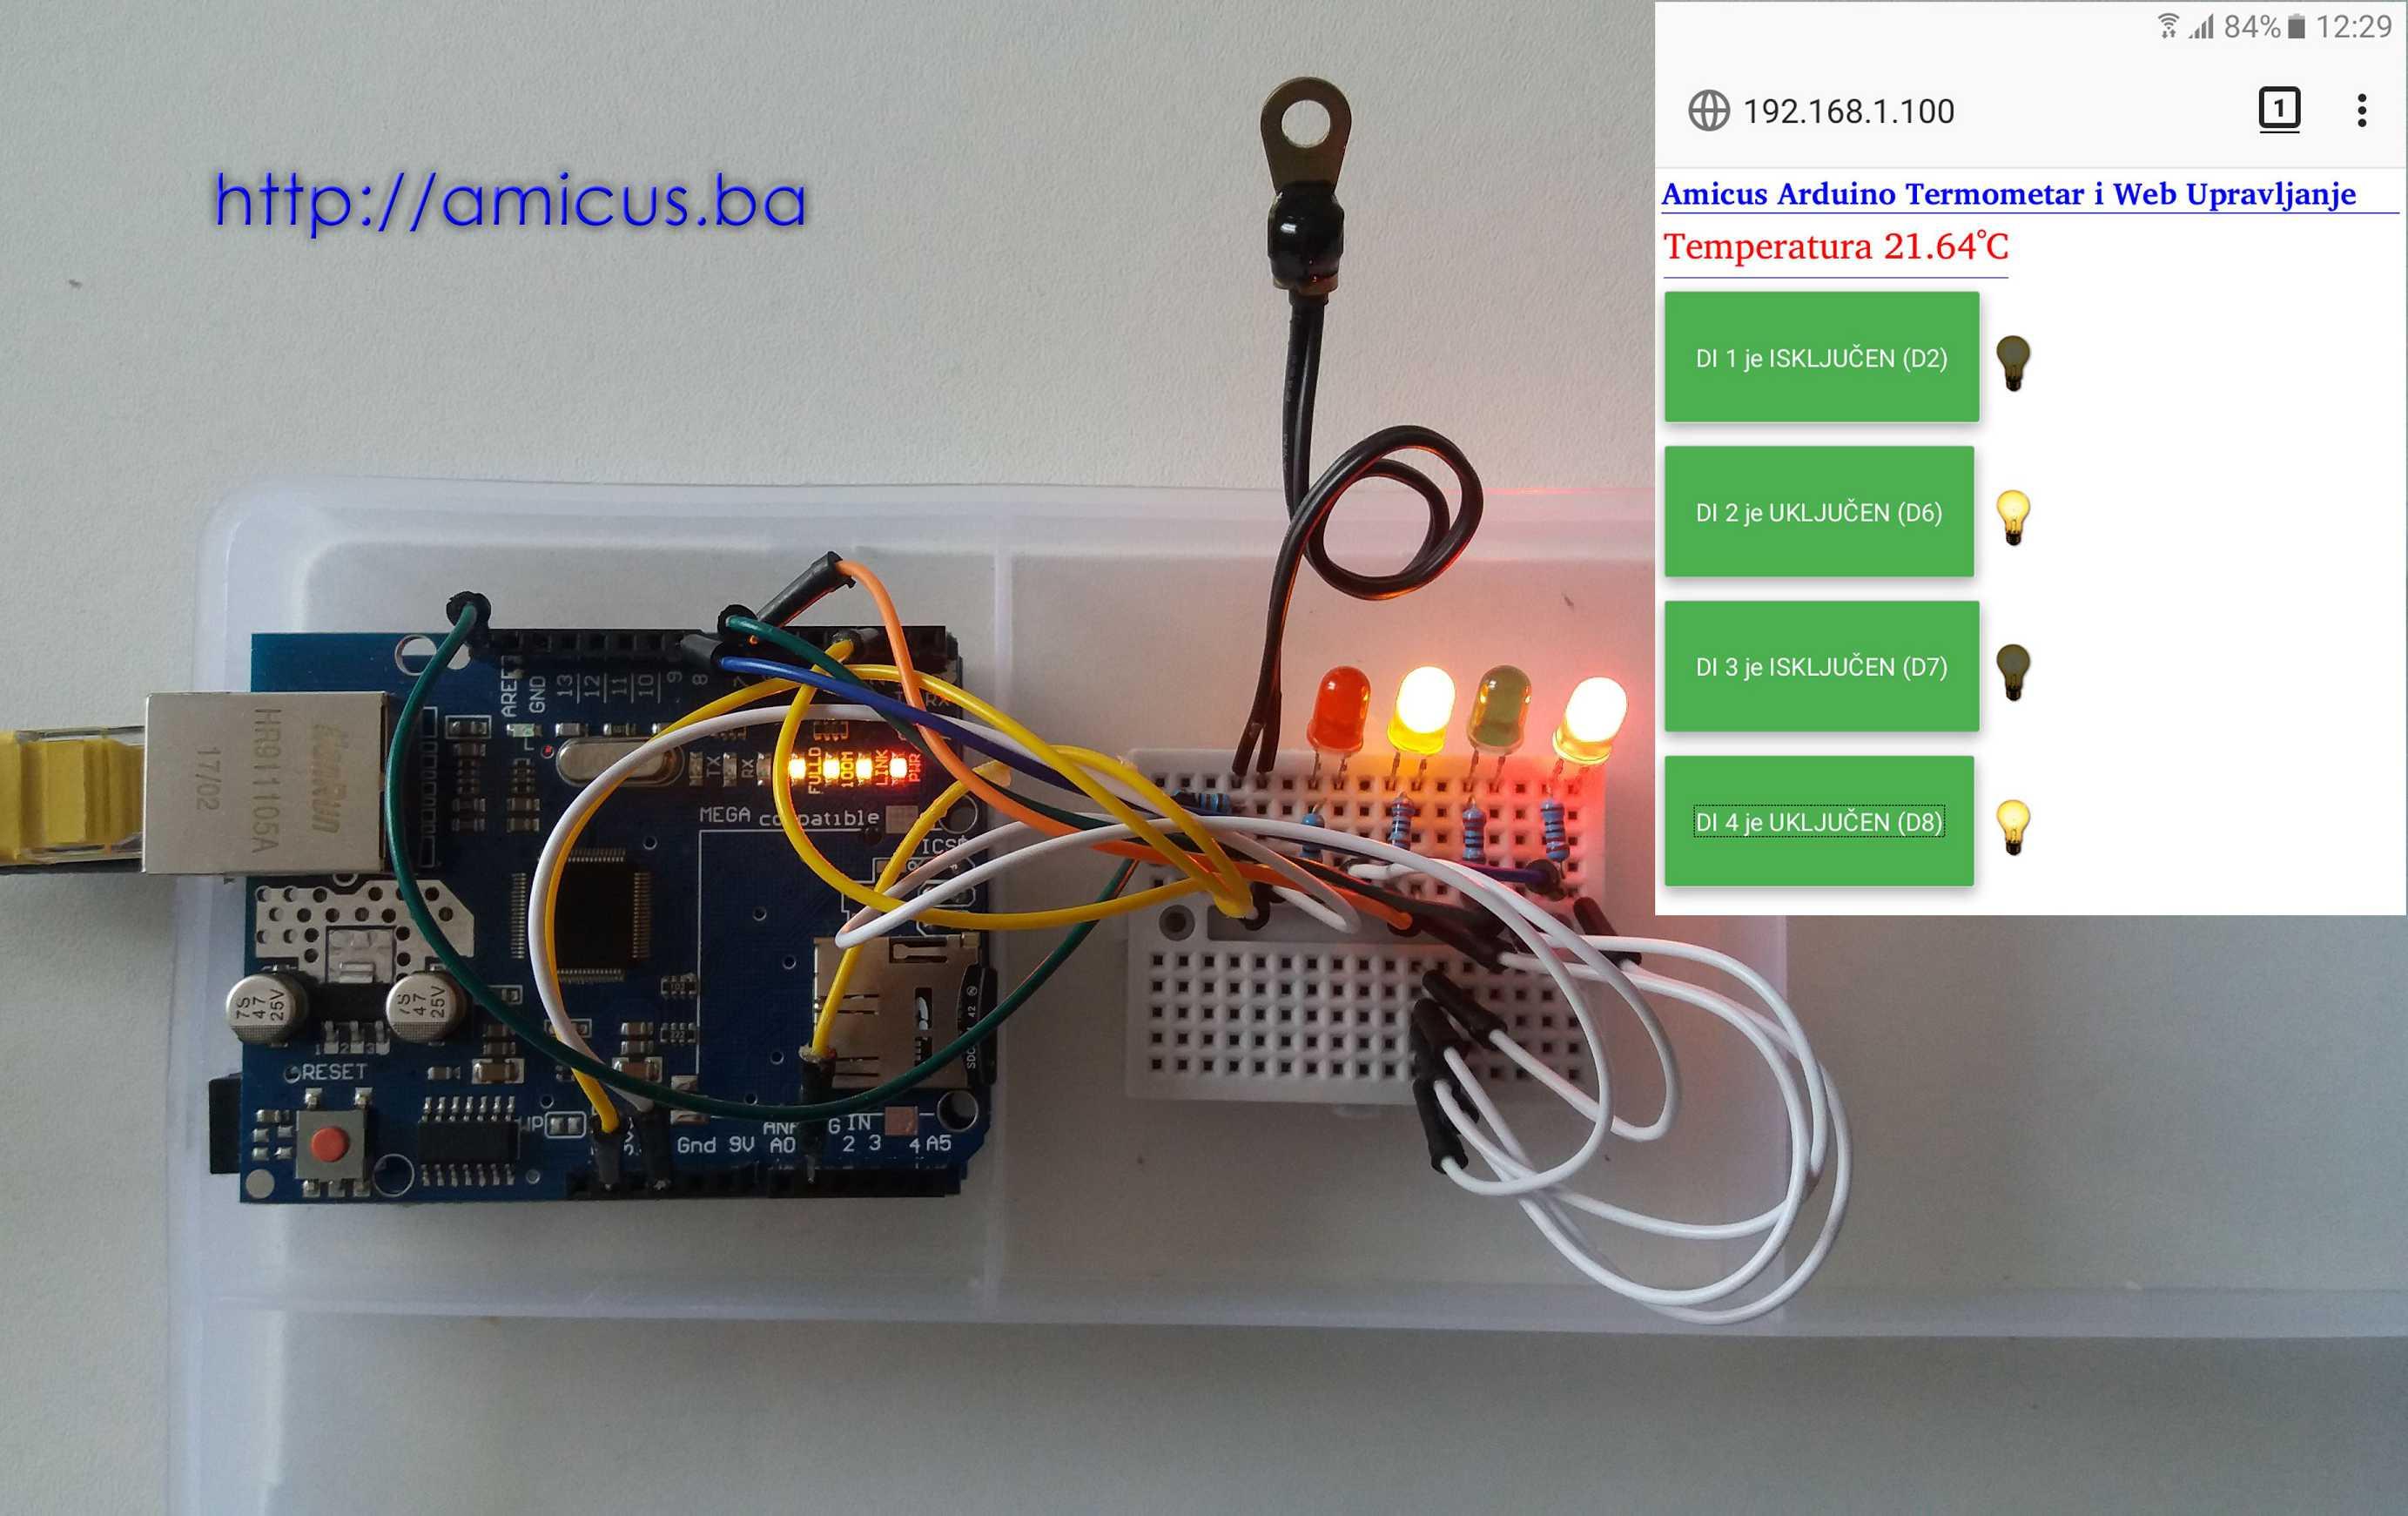 Web upravljanje i termometar